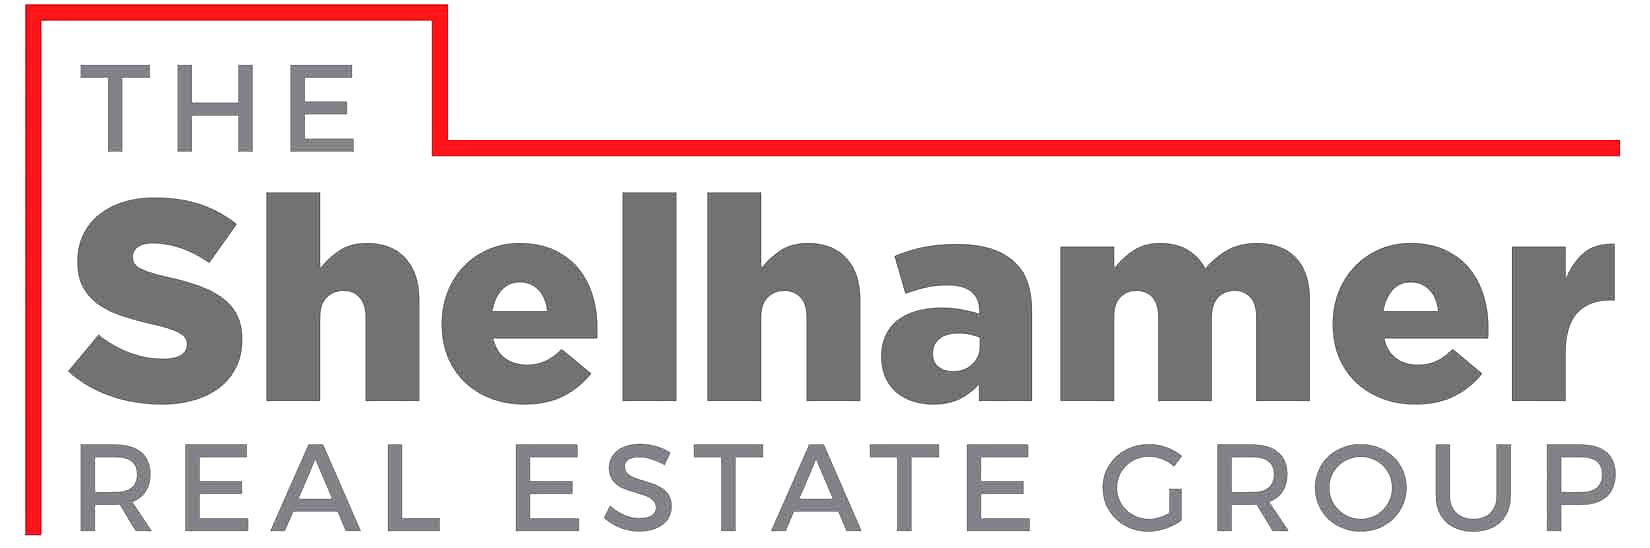 The Ultimate Home Moving Checklist | Los Angeles real estate company | Top Los Angeles real estate agent Glenn Shelhamer